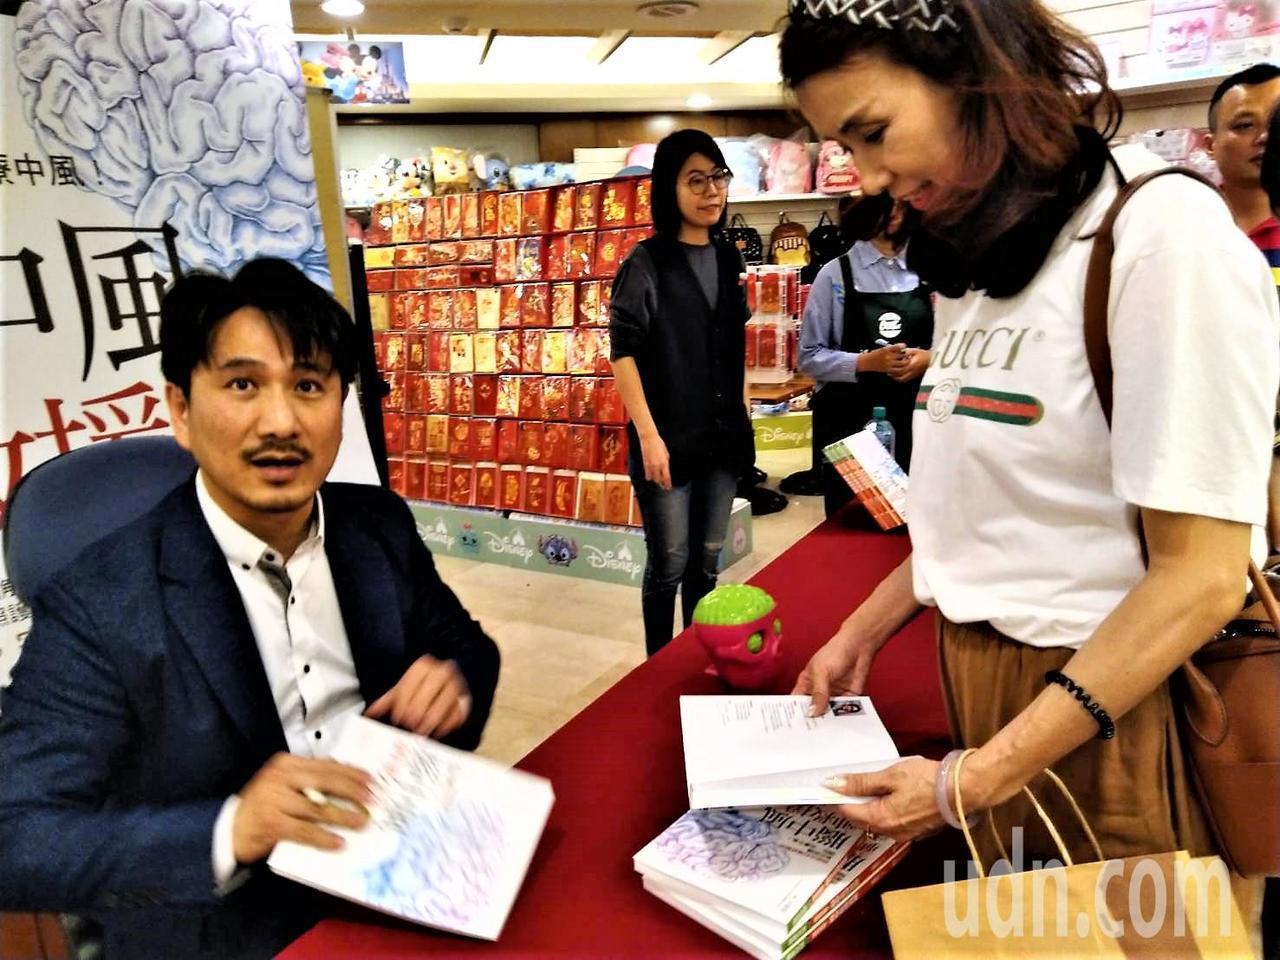 台中榮總醫師崔源生(左)出版「腦中風神救援」一書,昨舉辦簽書會。記者黃寅/攝影